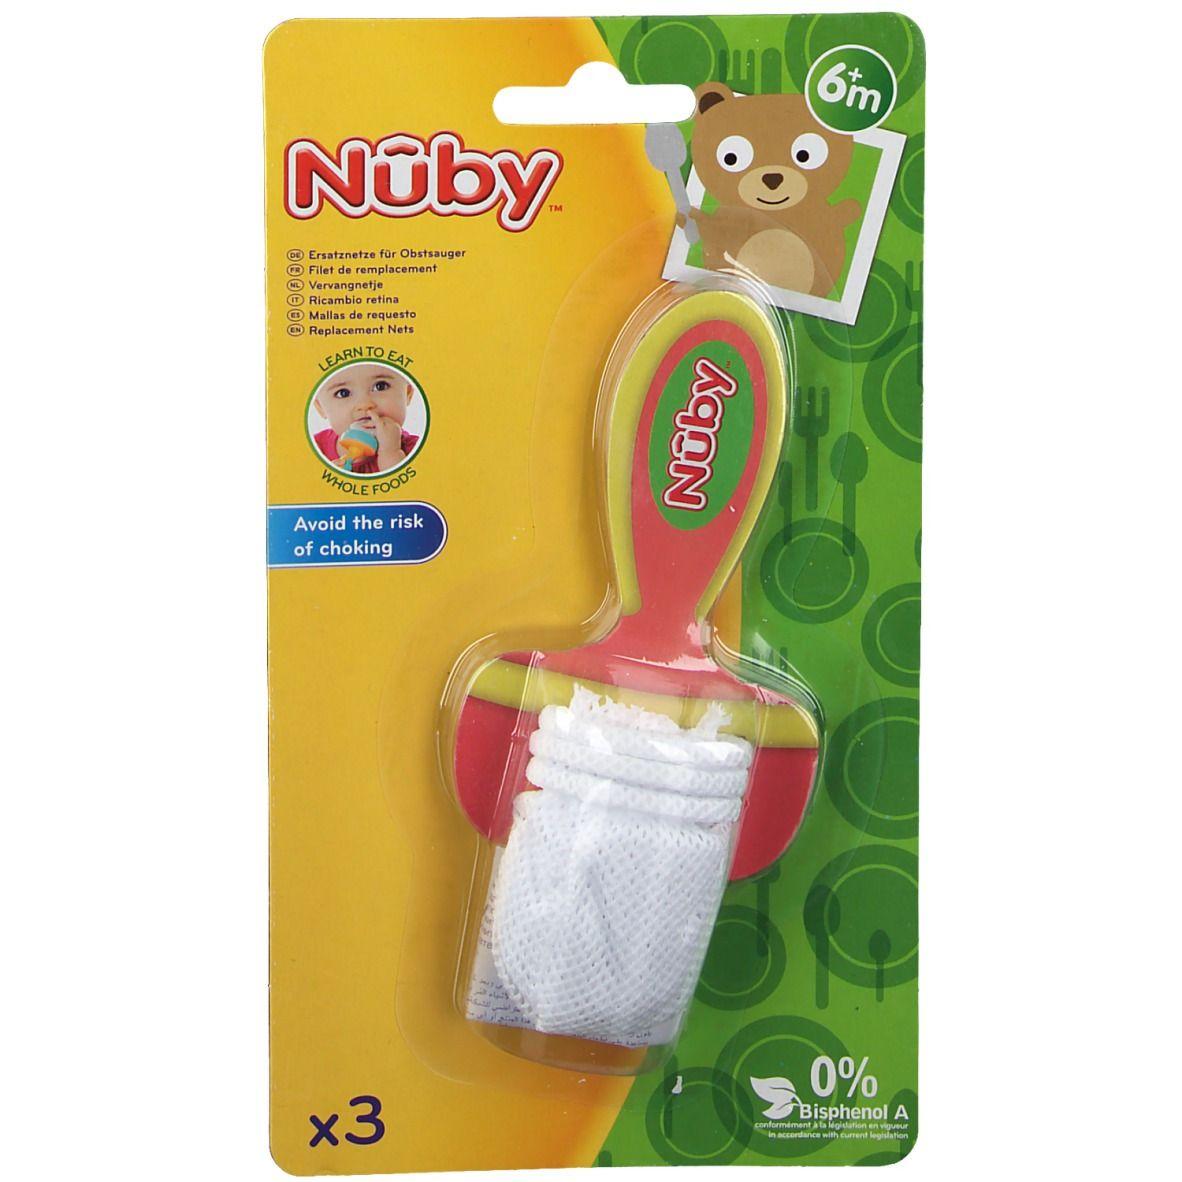 Nuby Filets de remplacement